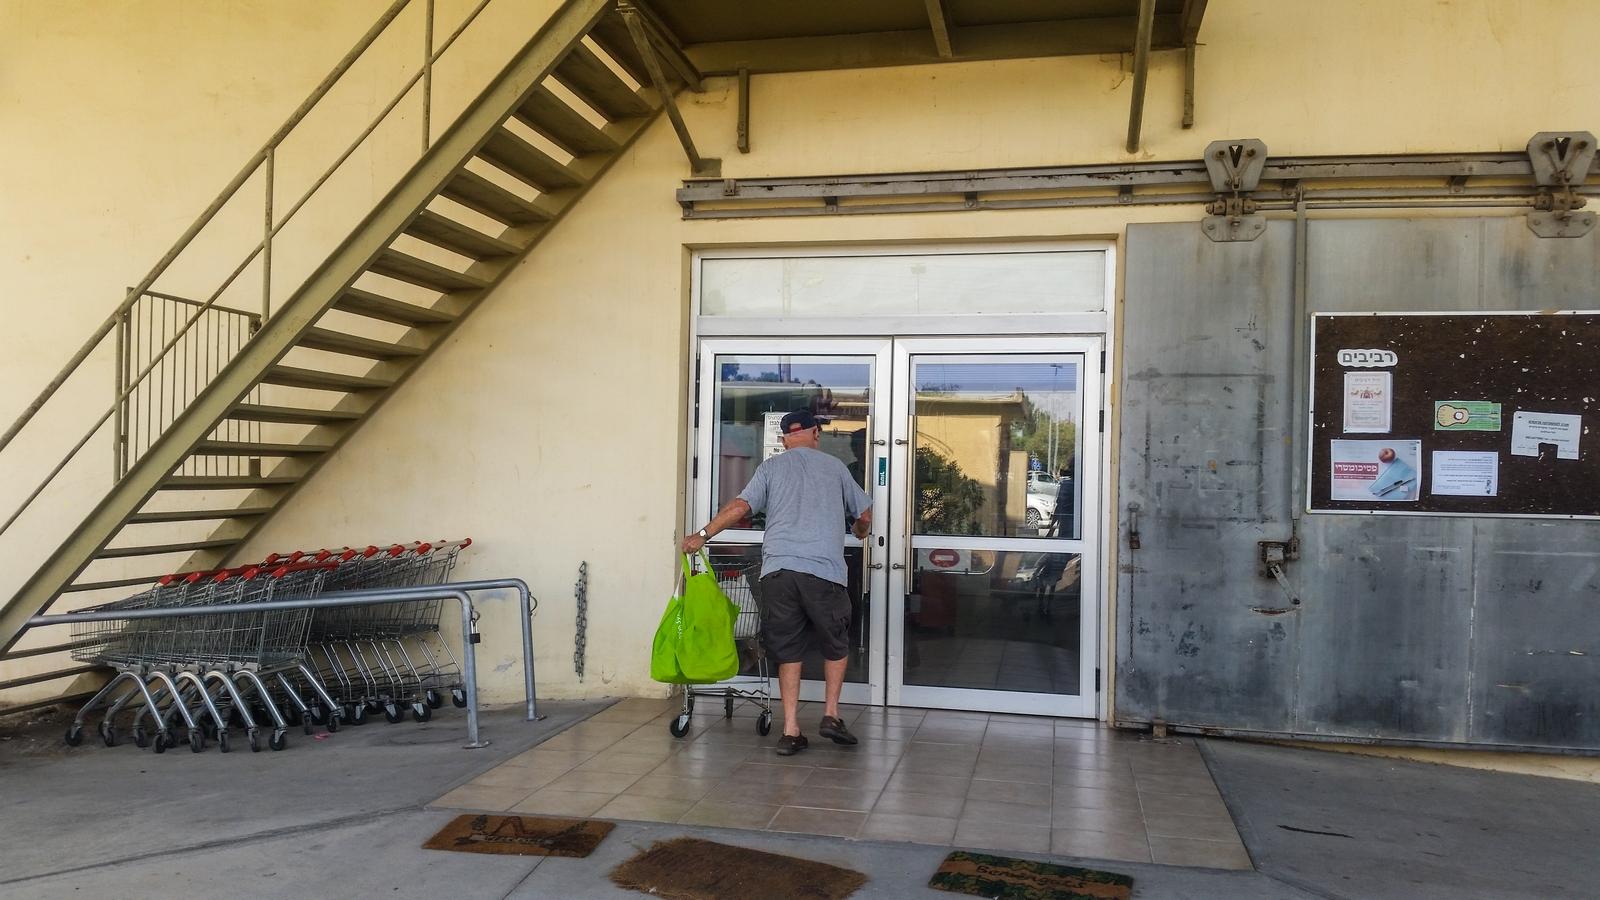 Вход в супер (магазин) в кибуце Revivim